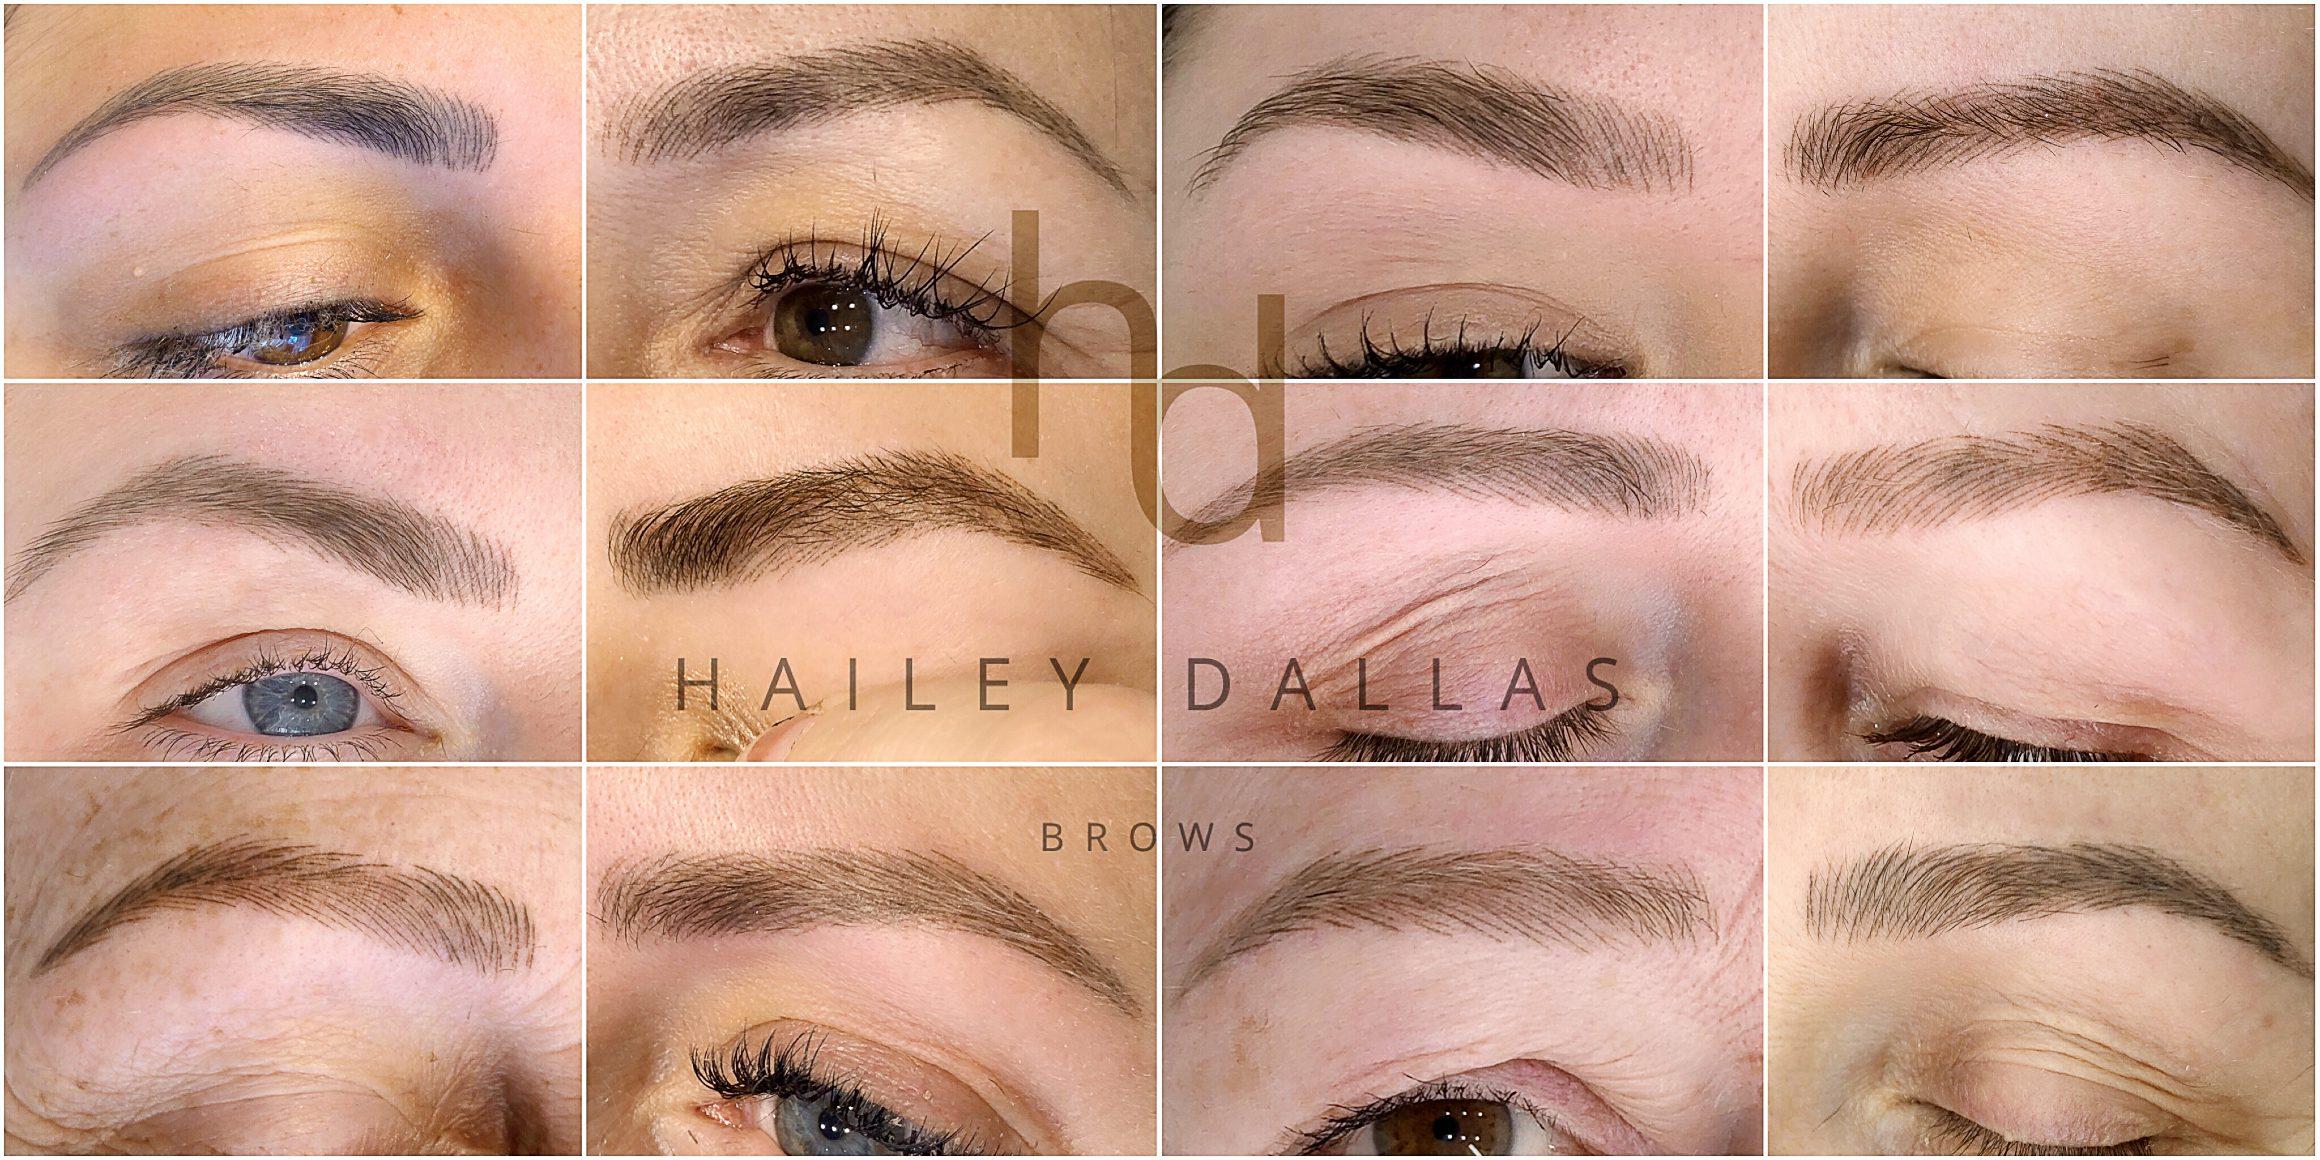 Hailey Dallas Brows